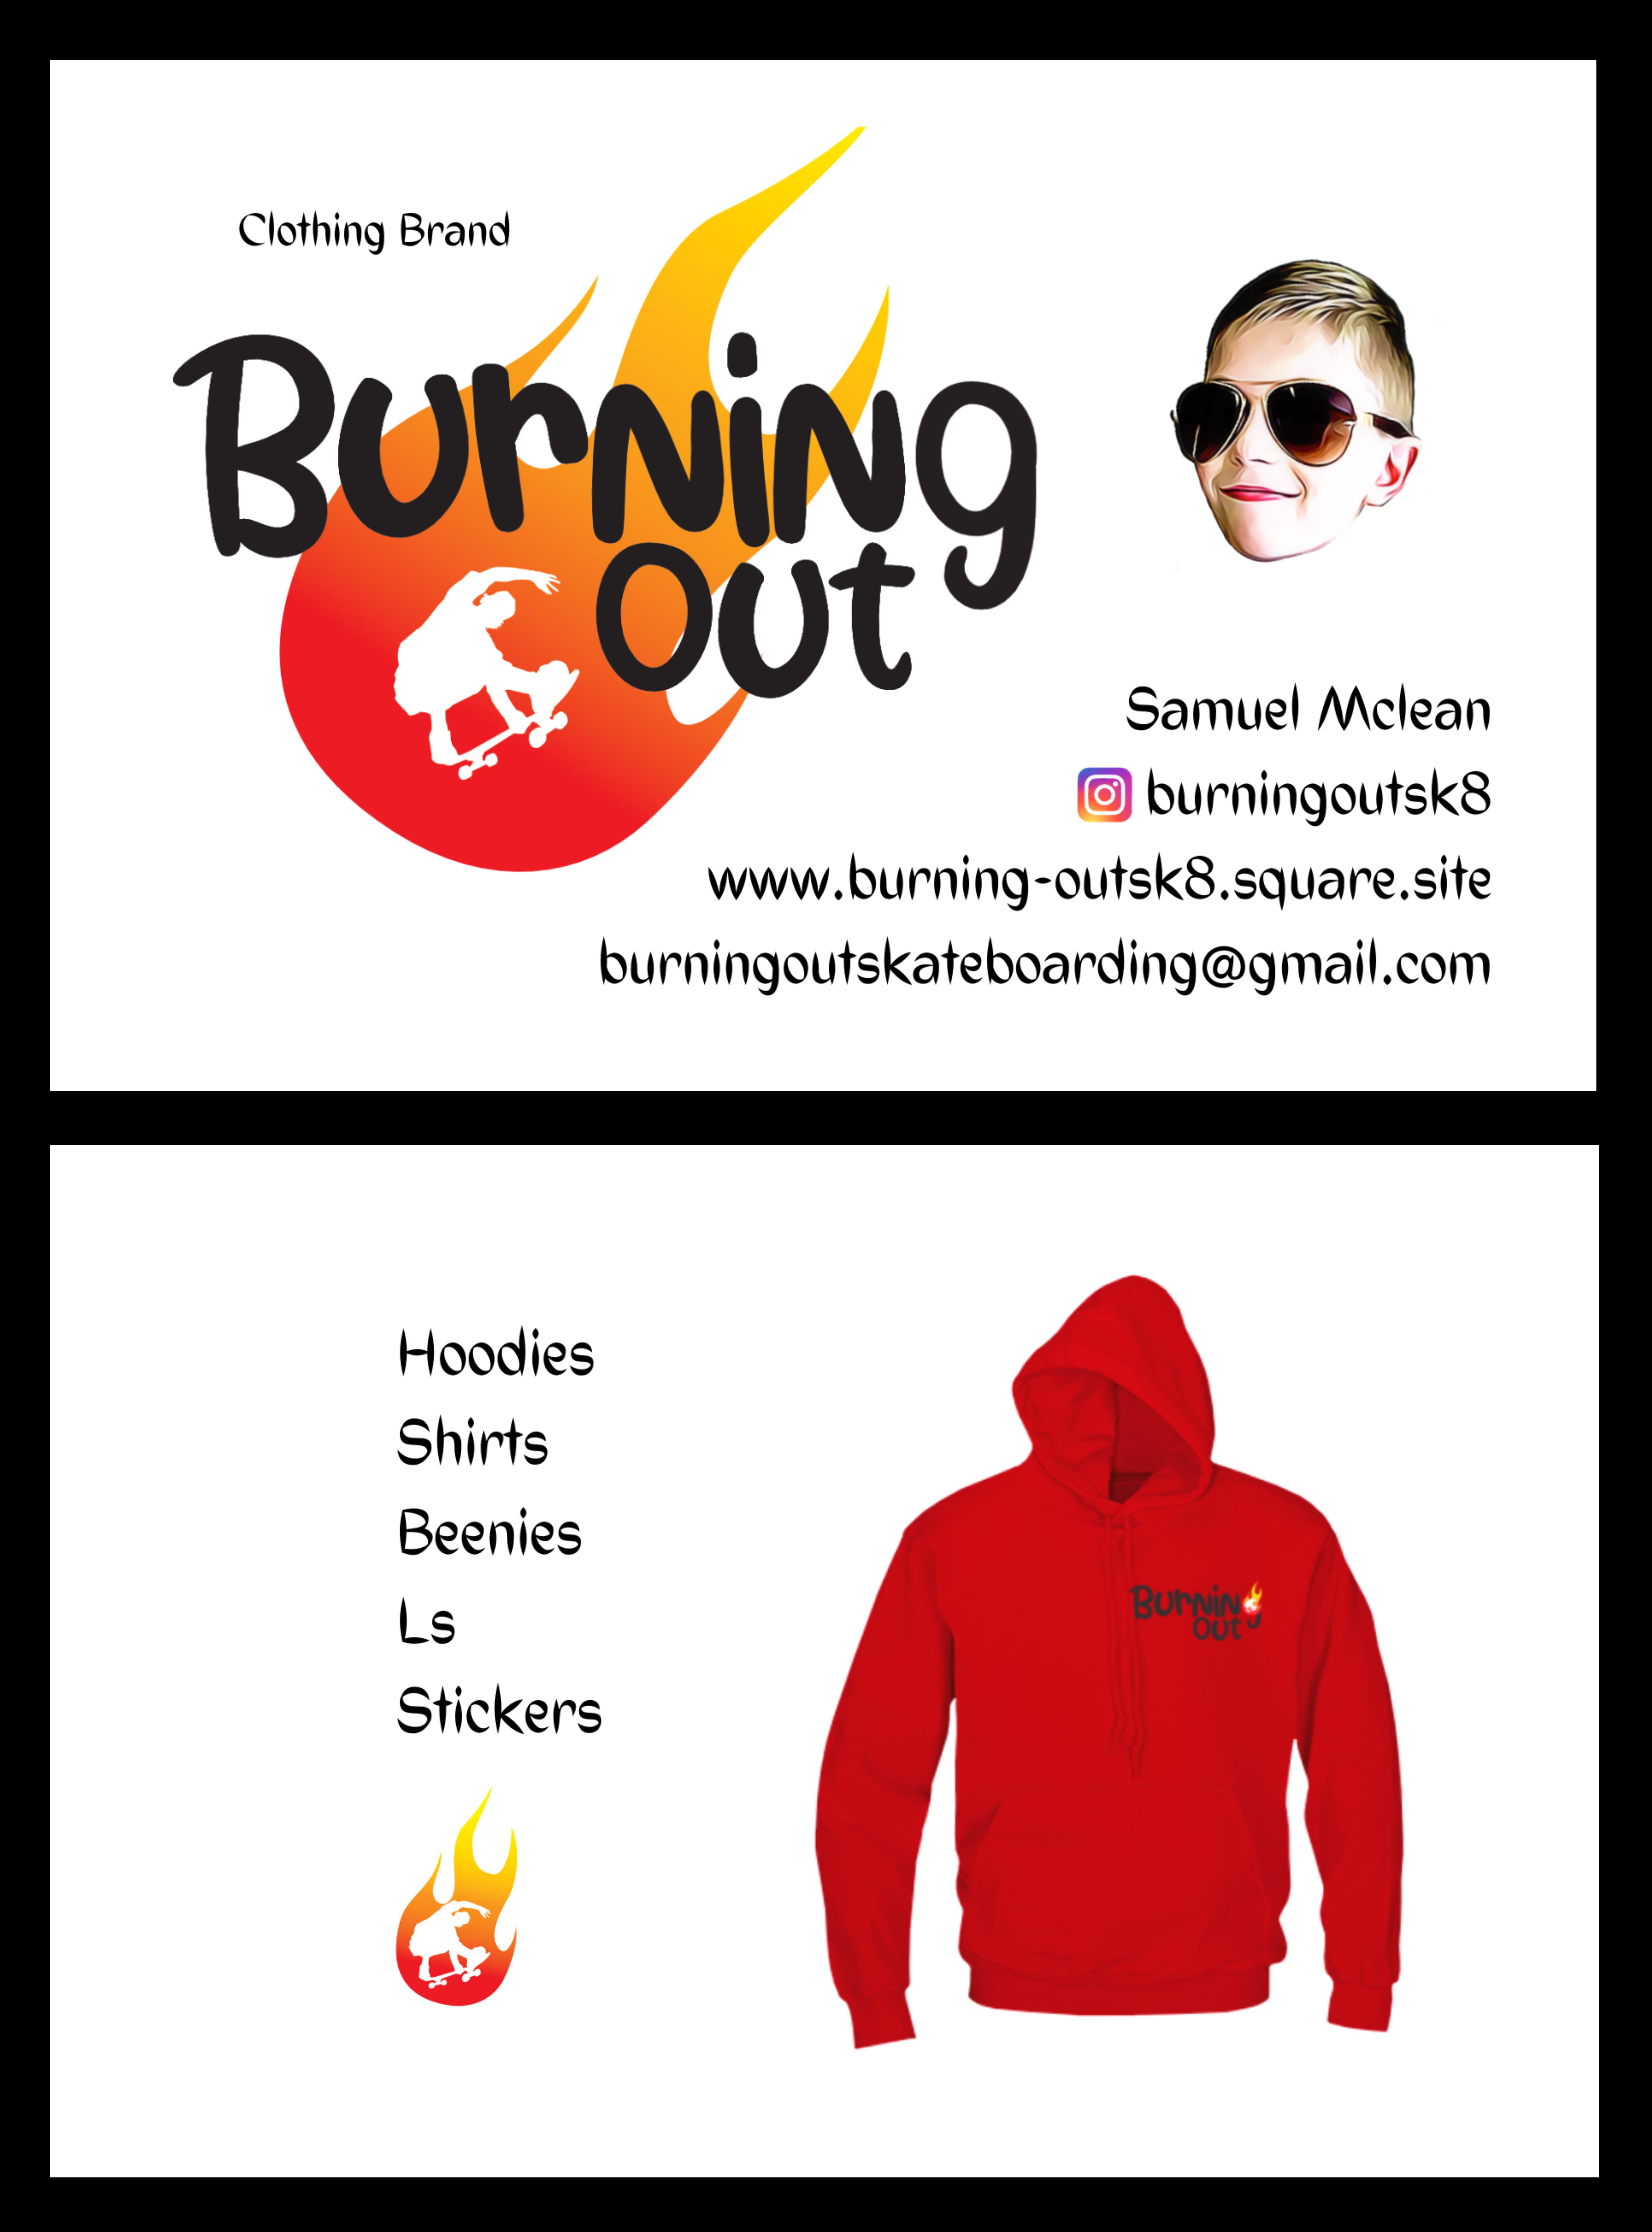 Burningout clothing brand